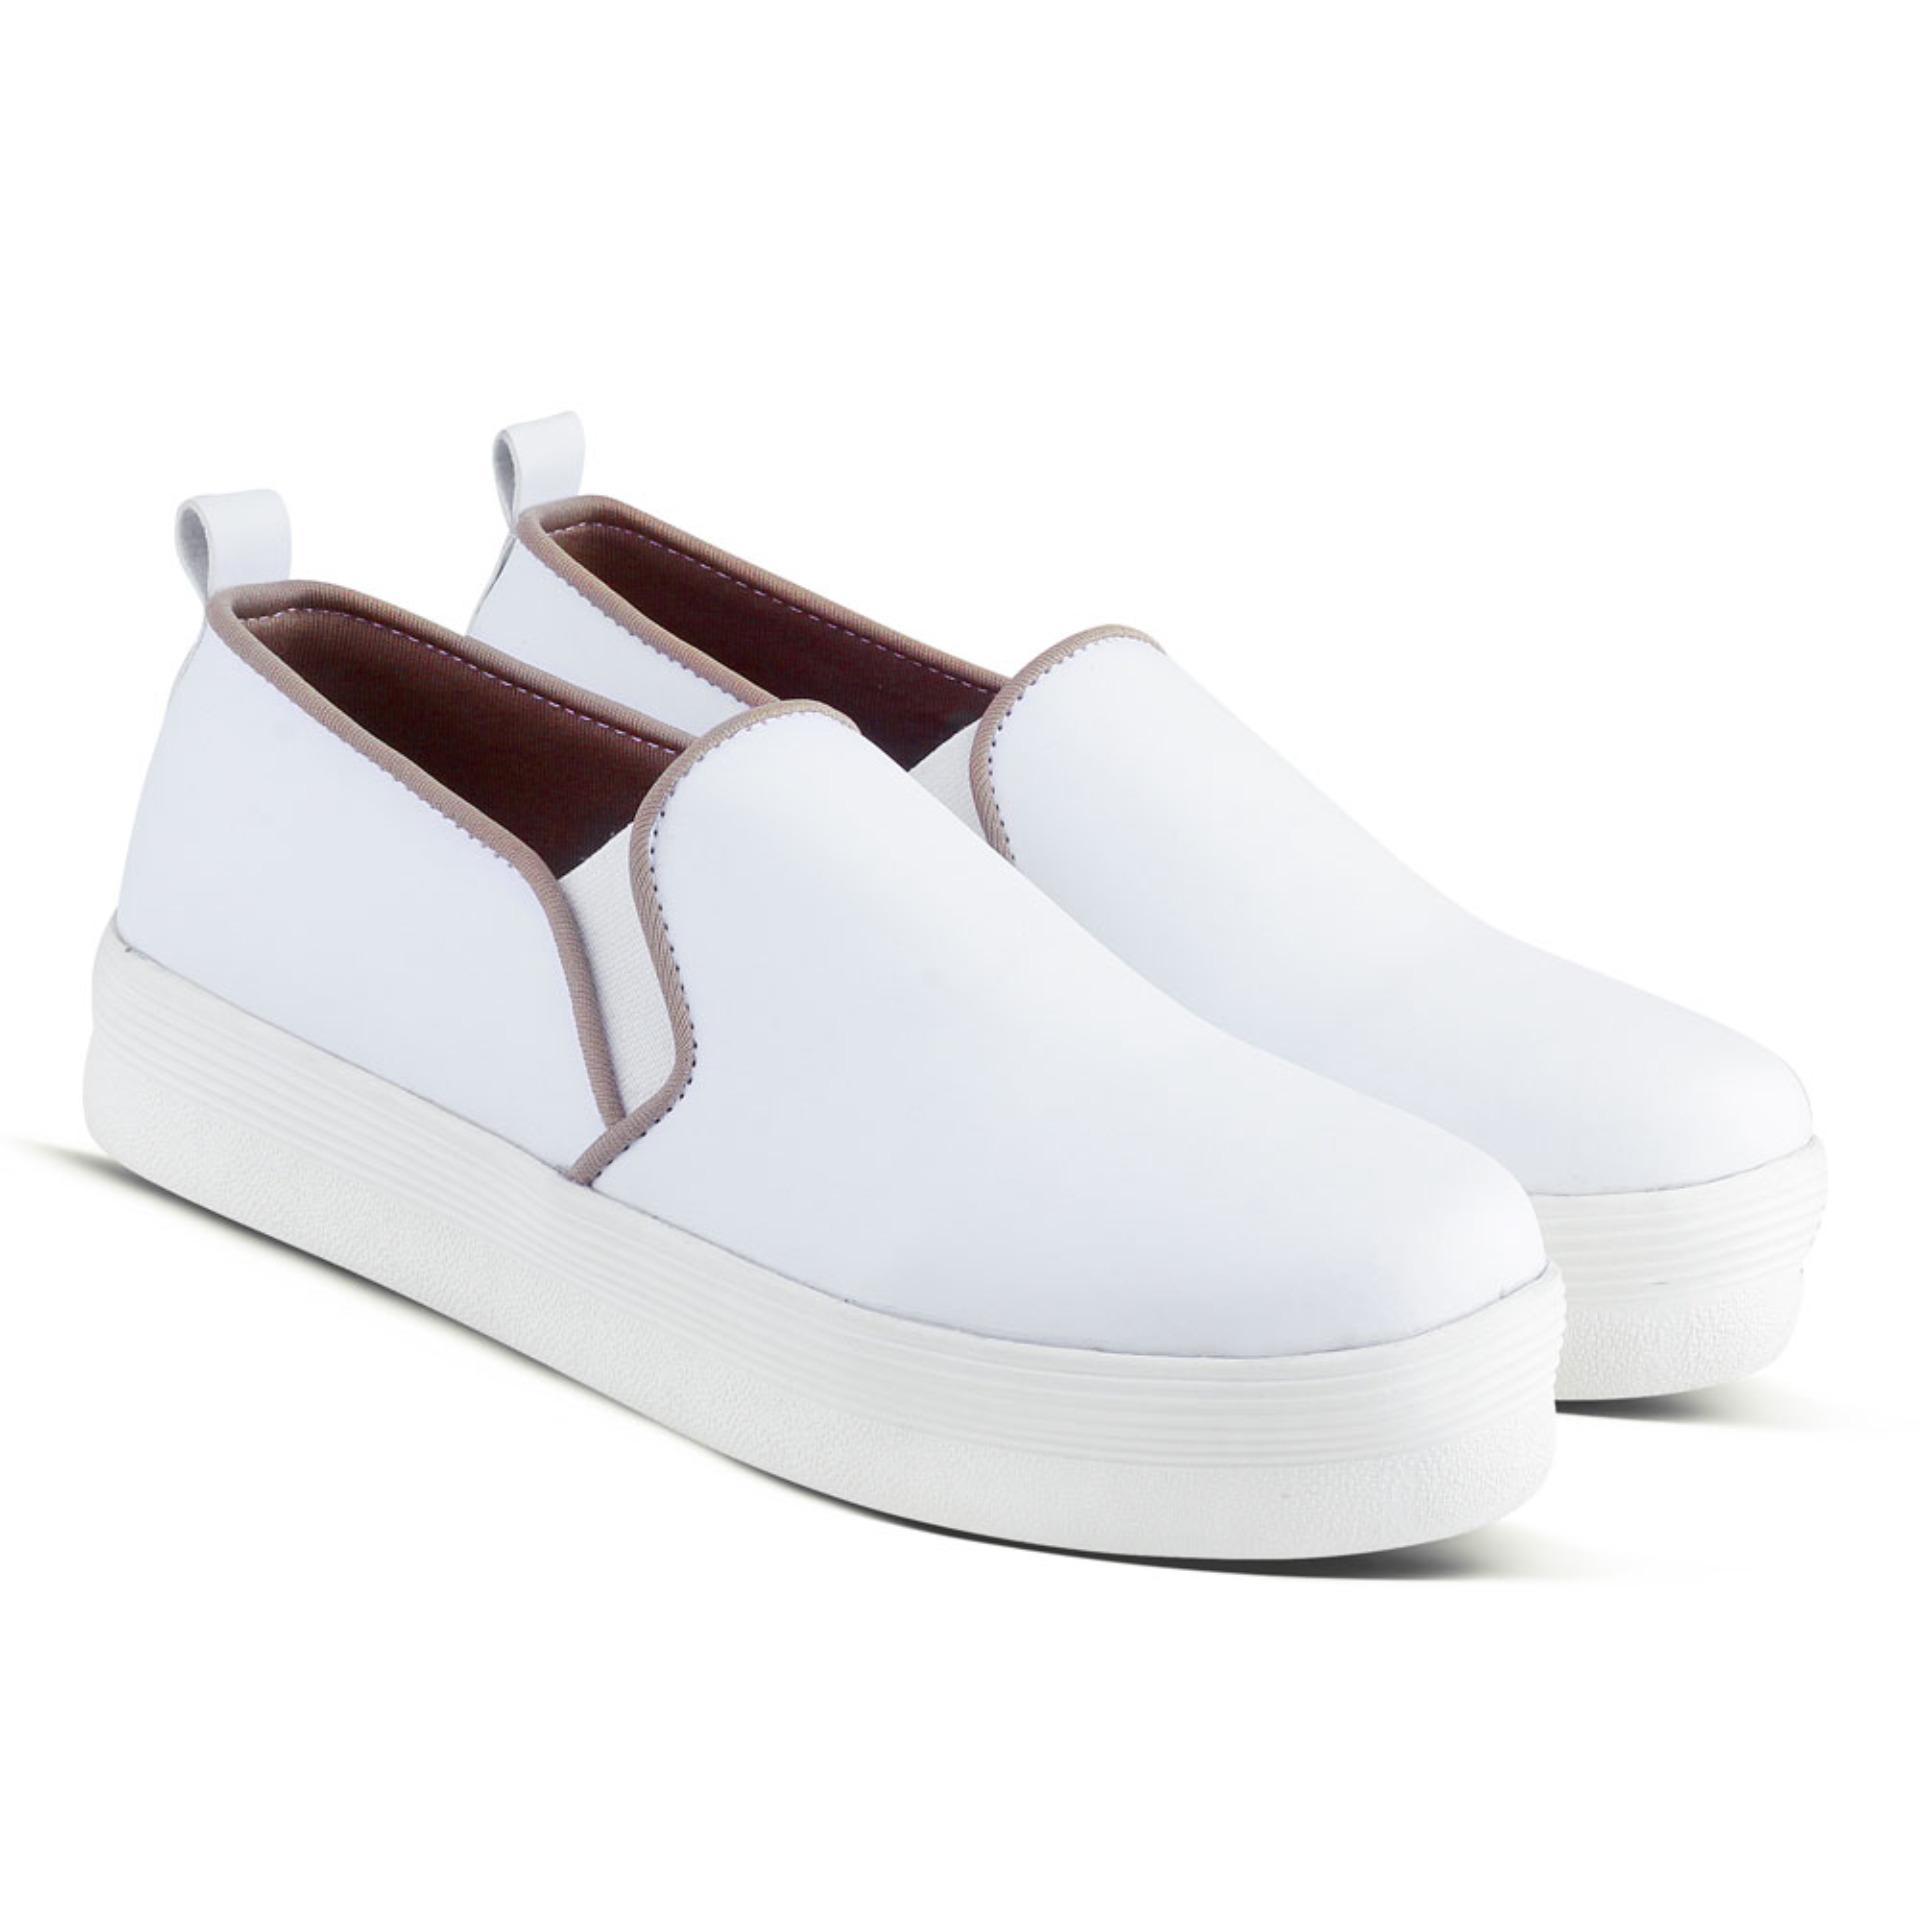 Distro Bandung Vr 342 Sepatu Kets Sneakers Dan Kasual Wanita Navy 276 Casual 254 Sneaker Slip On Putih